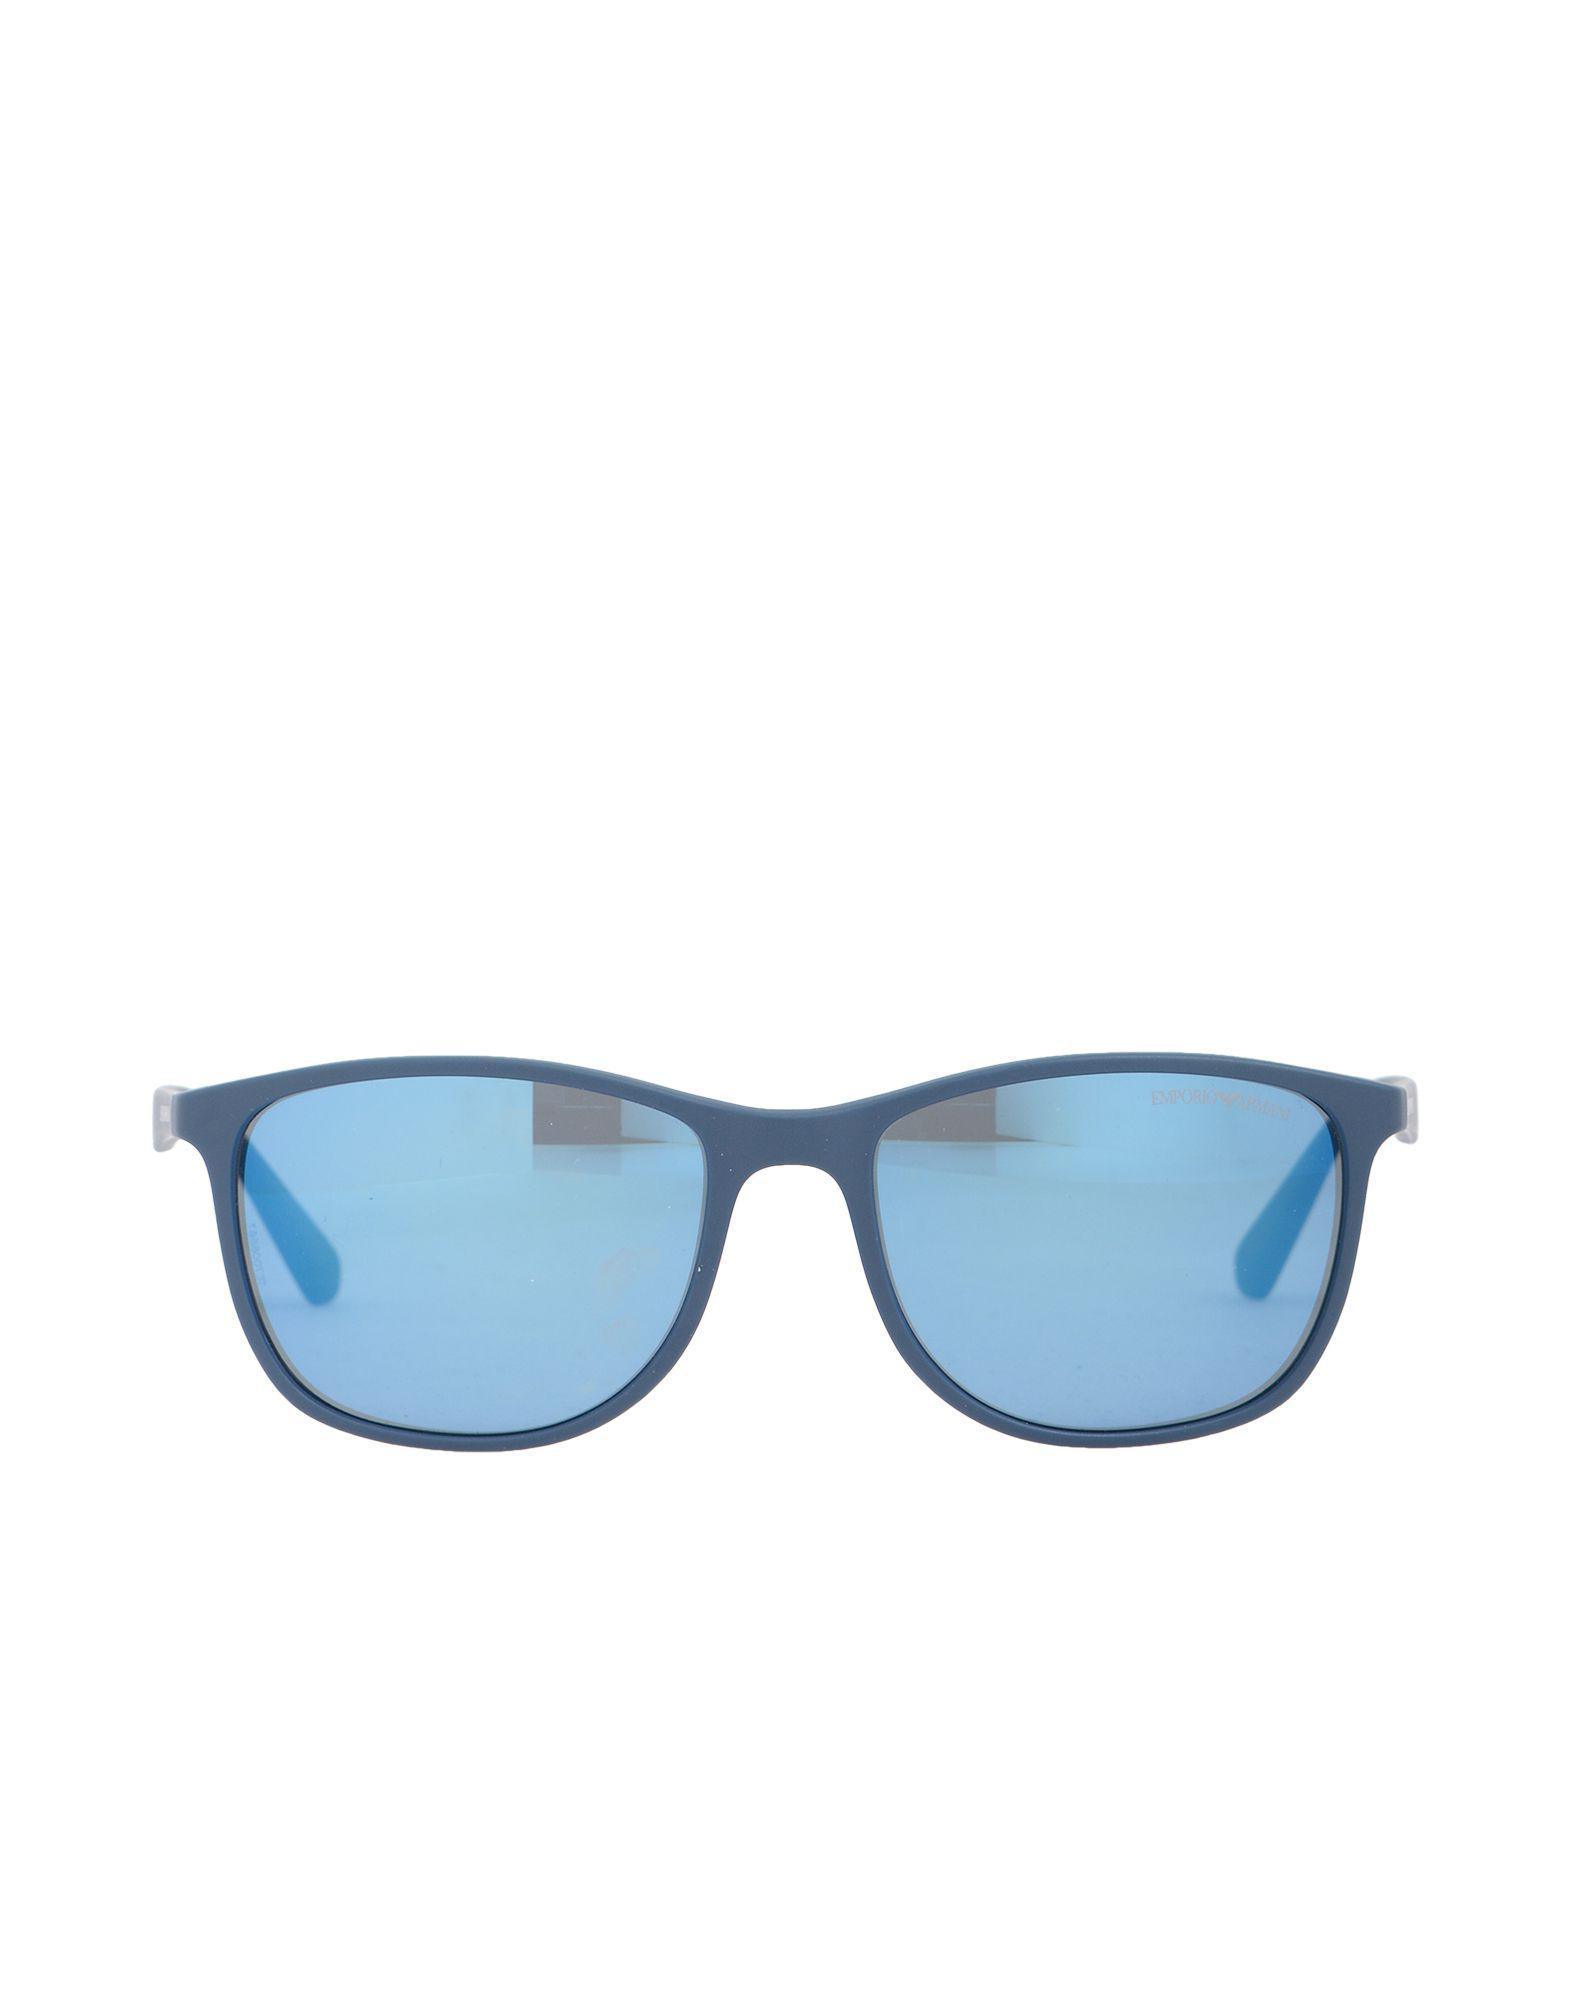 6280447ac37f Emporio Armani Sunglasses in Blue for Men - Lyst